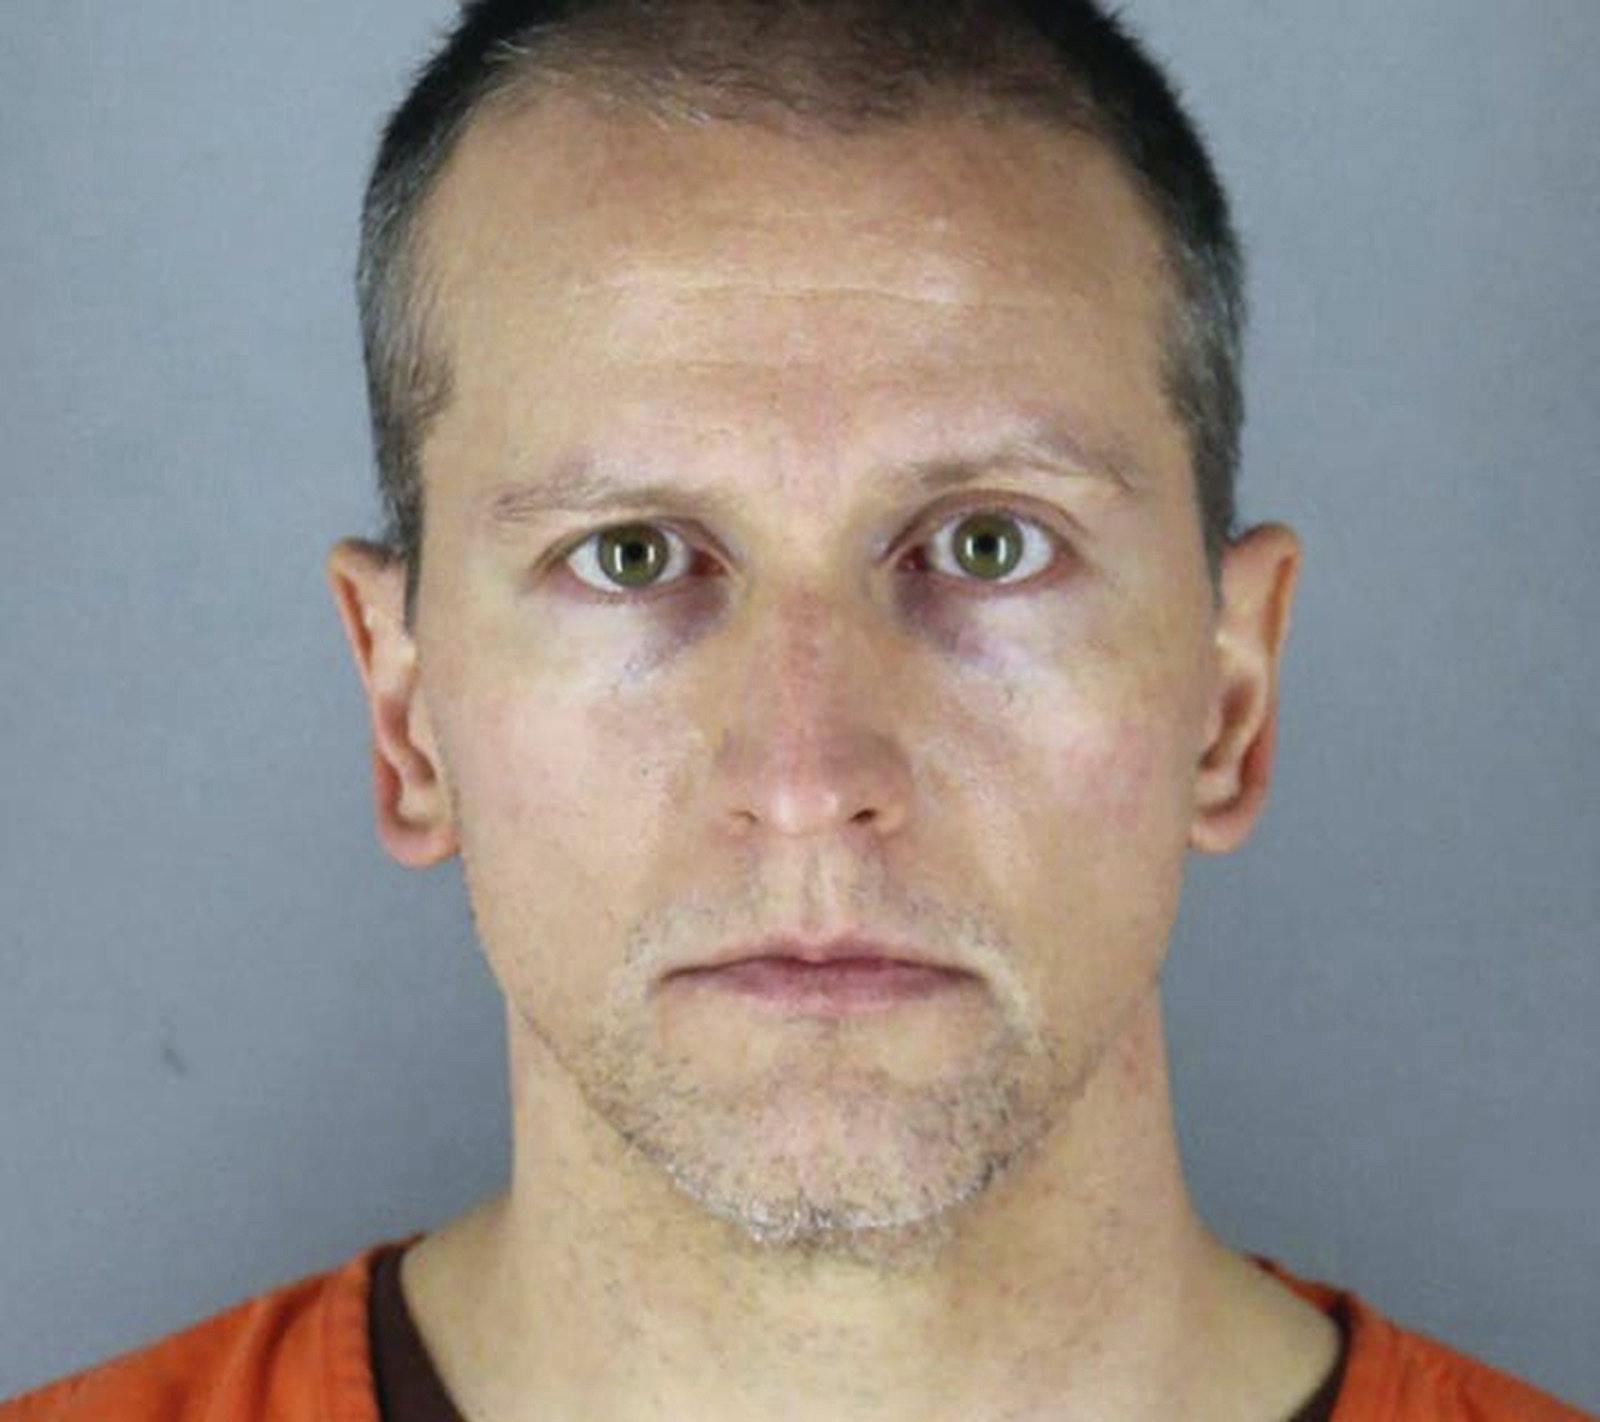 法官恢复对弗洛伊德案涉事警察肖万的三级谋杀指控